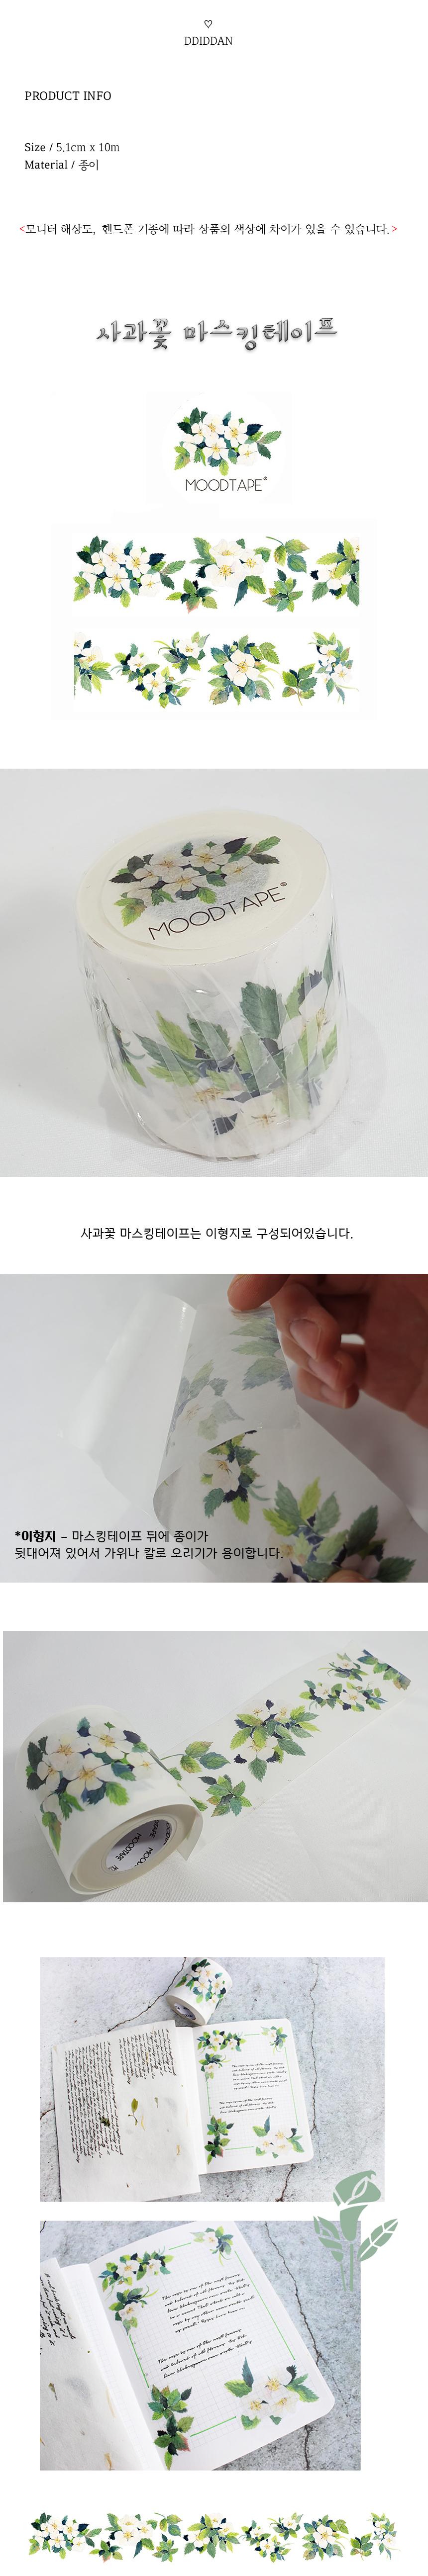 사과꽃 마스킹테이프 - 띠딴잡화점, 8,000원, 마스킹 테이프, 종이 마스킹테이프